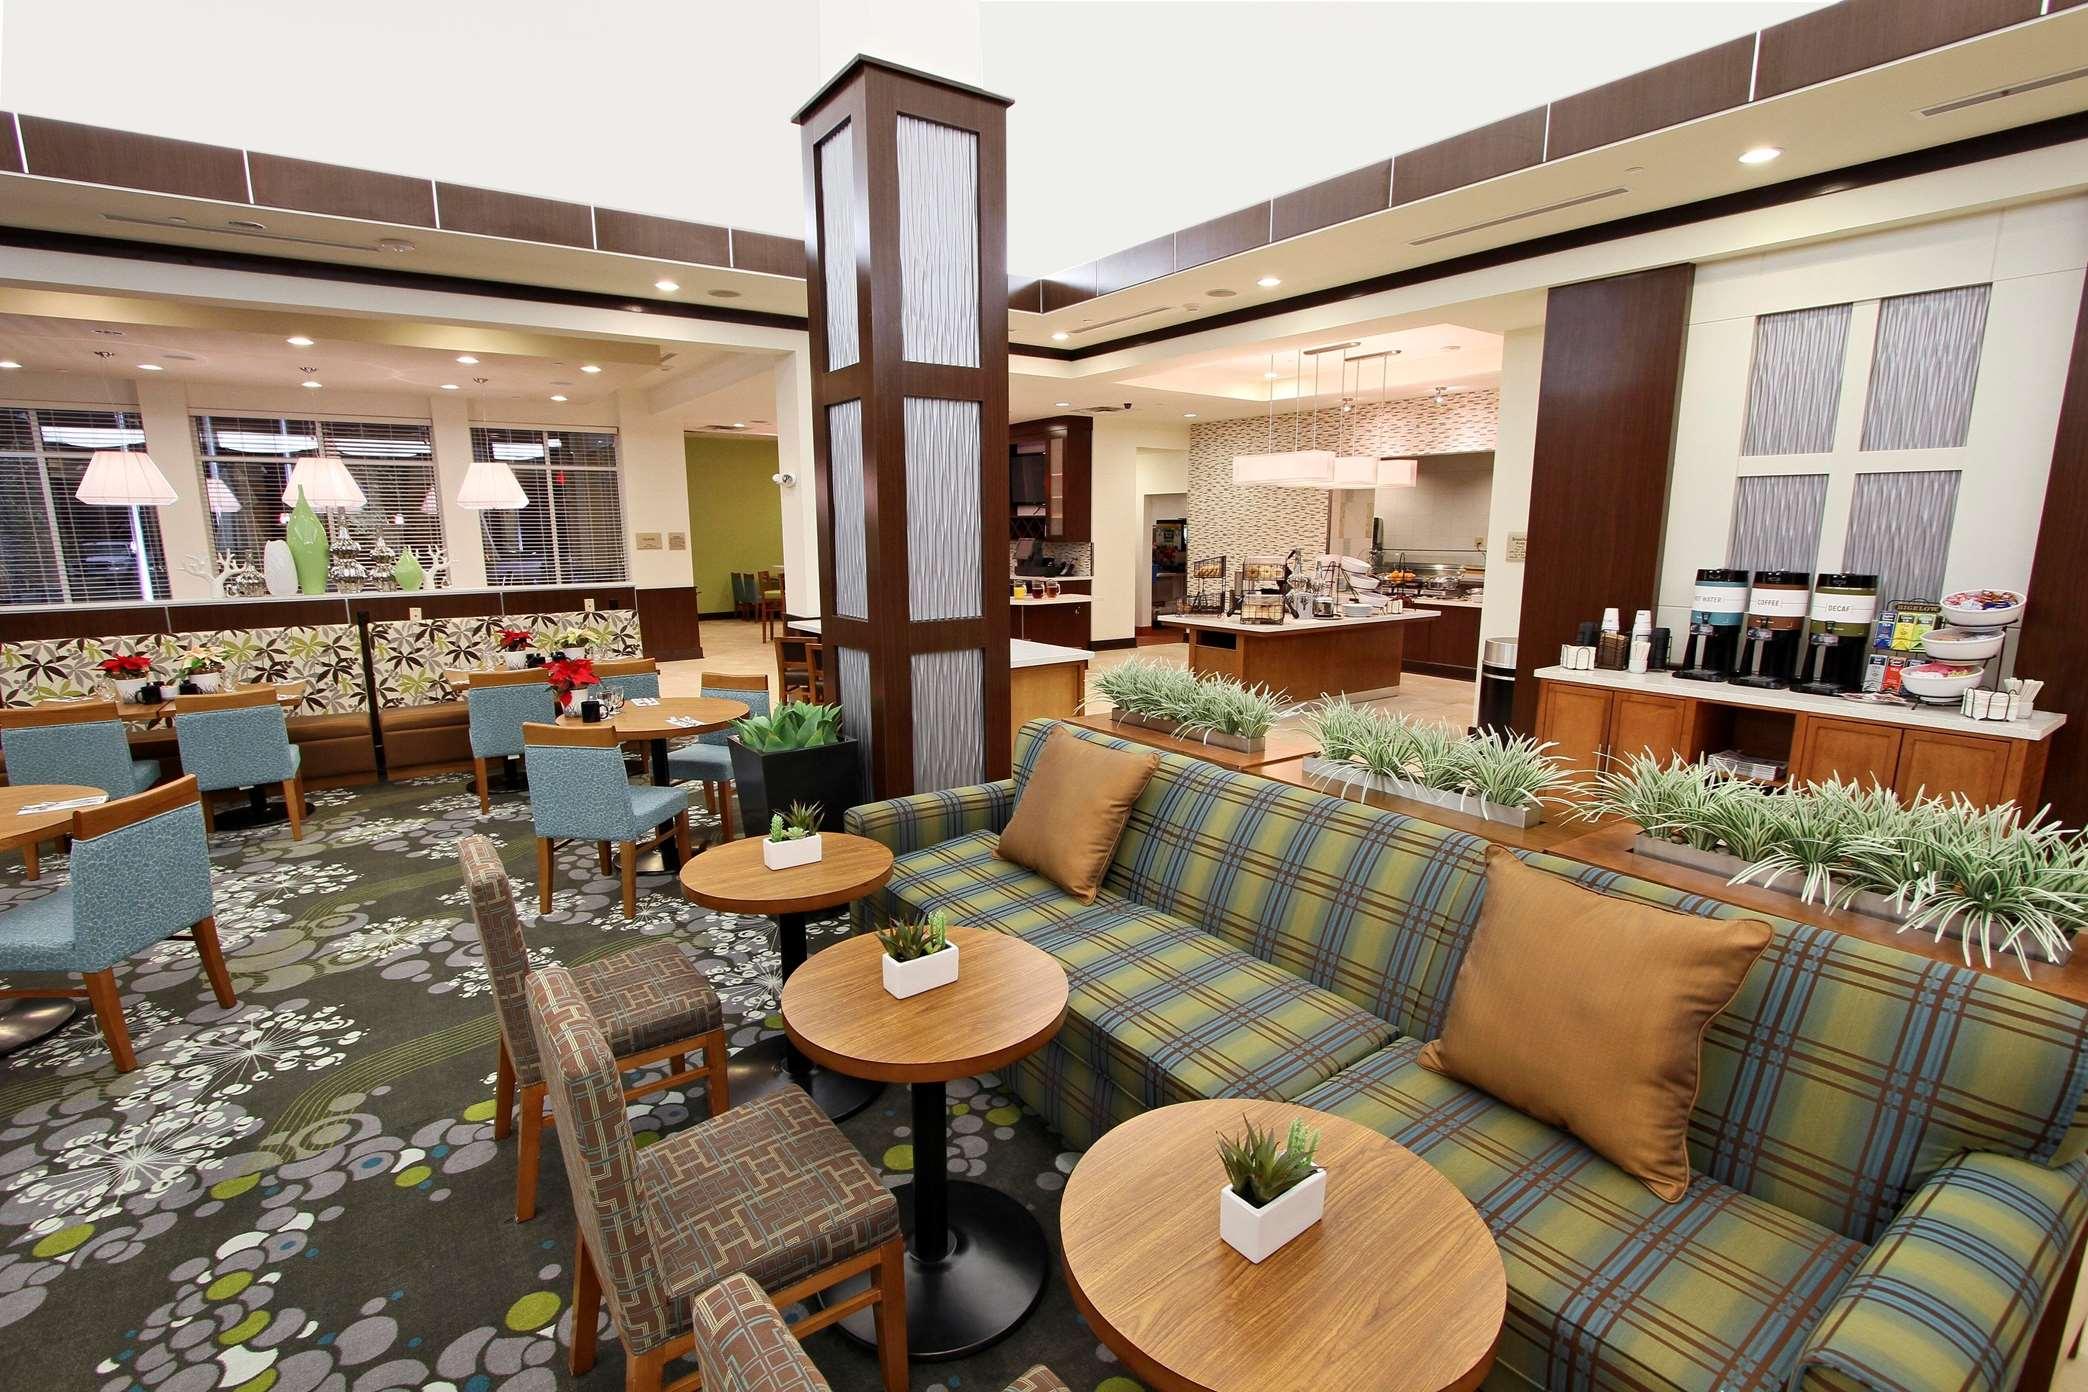 Comfort Inn And Suites Covington La.Comfort Inn Suites Covington LA ...